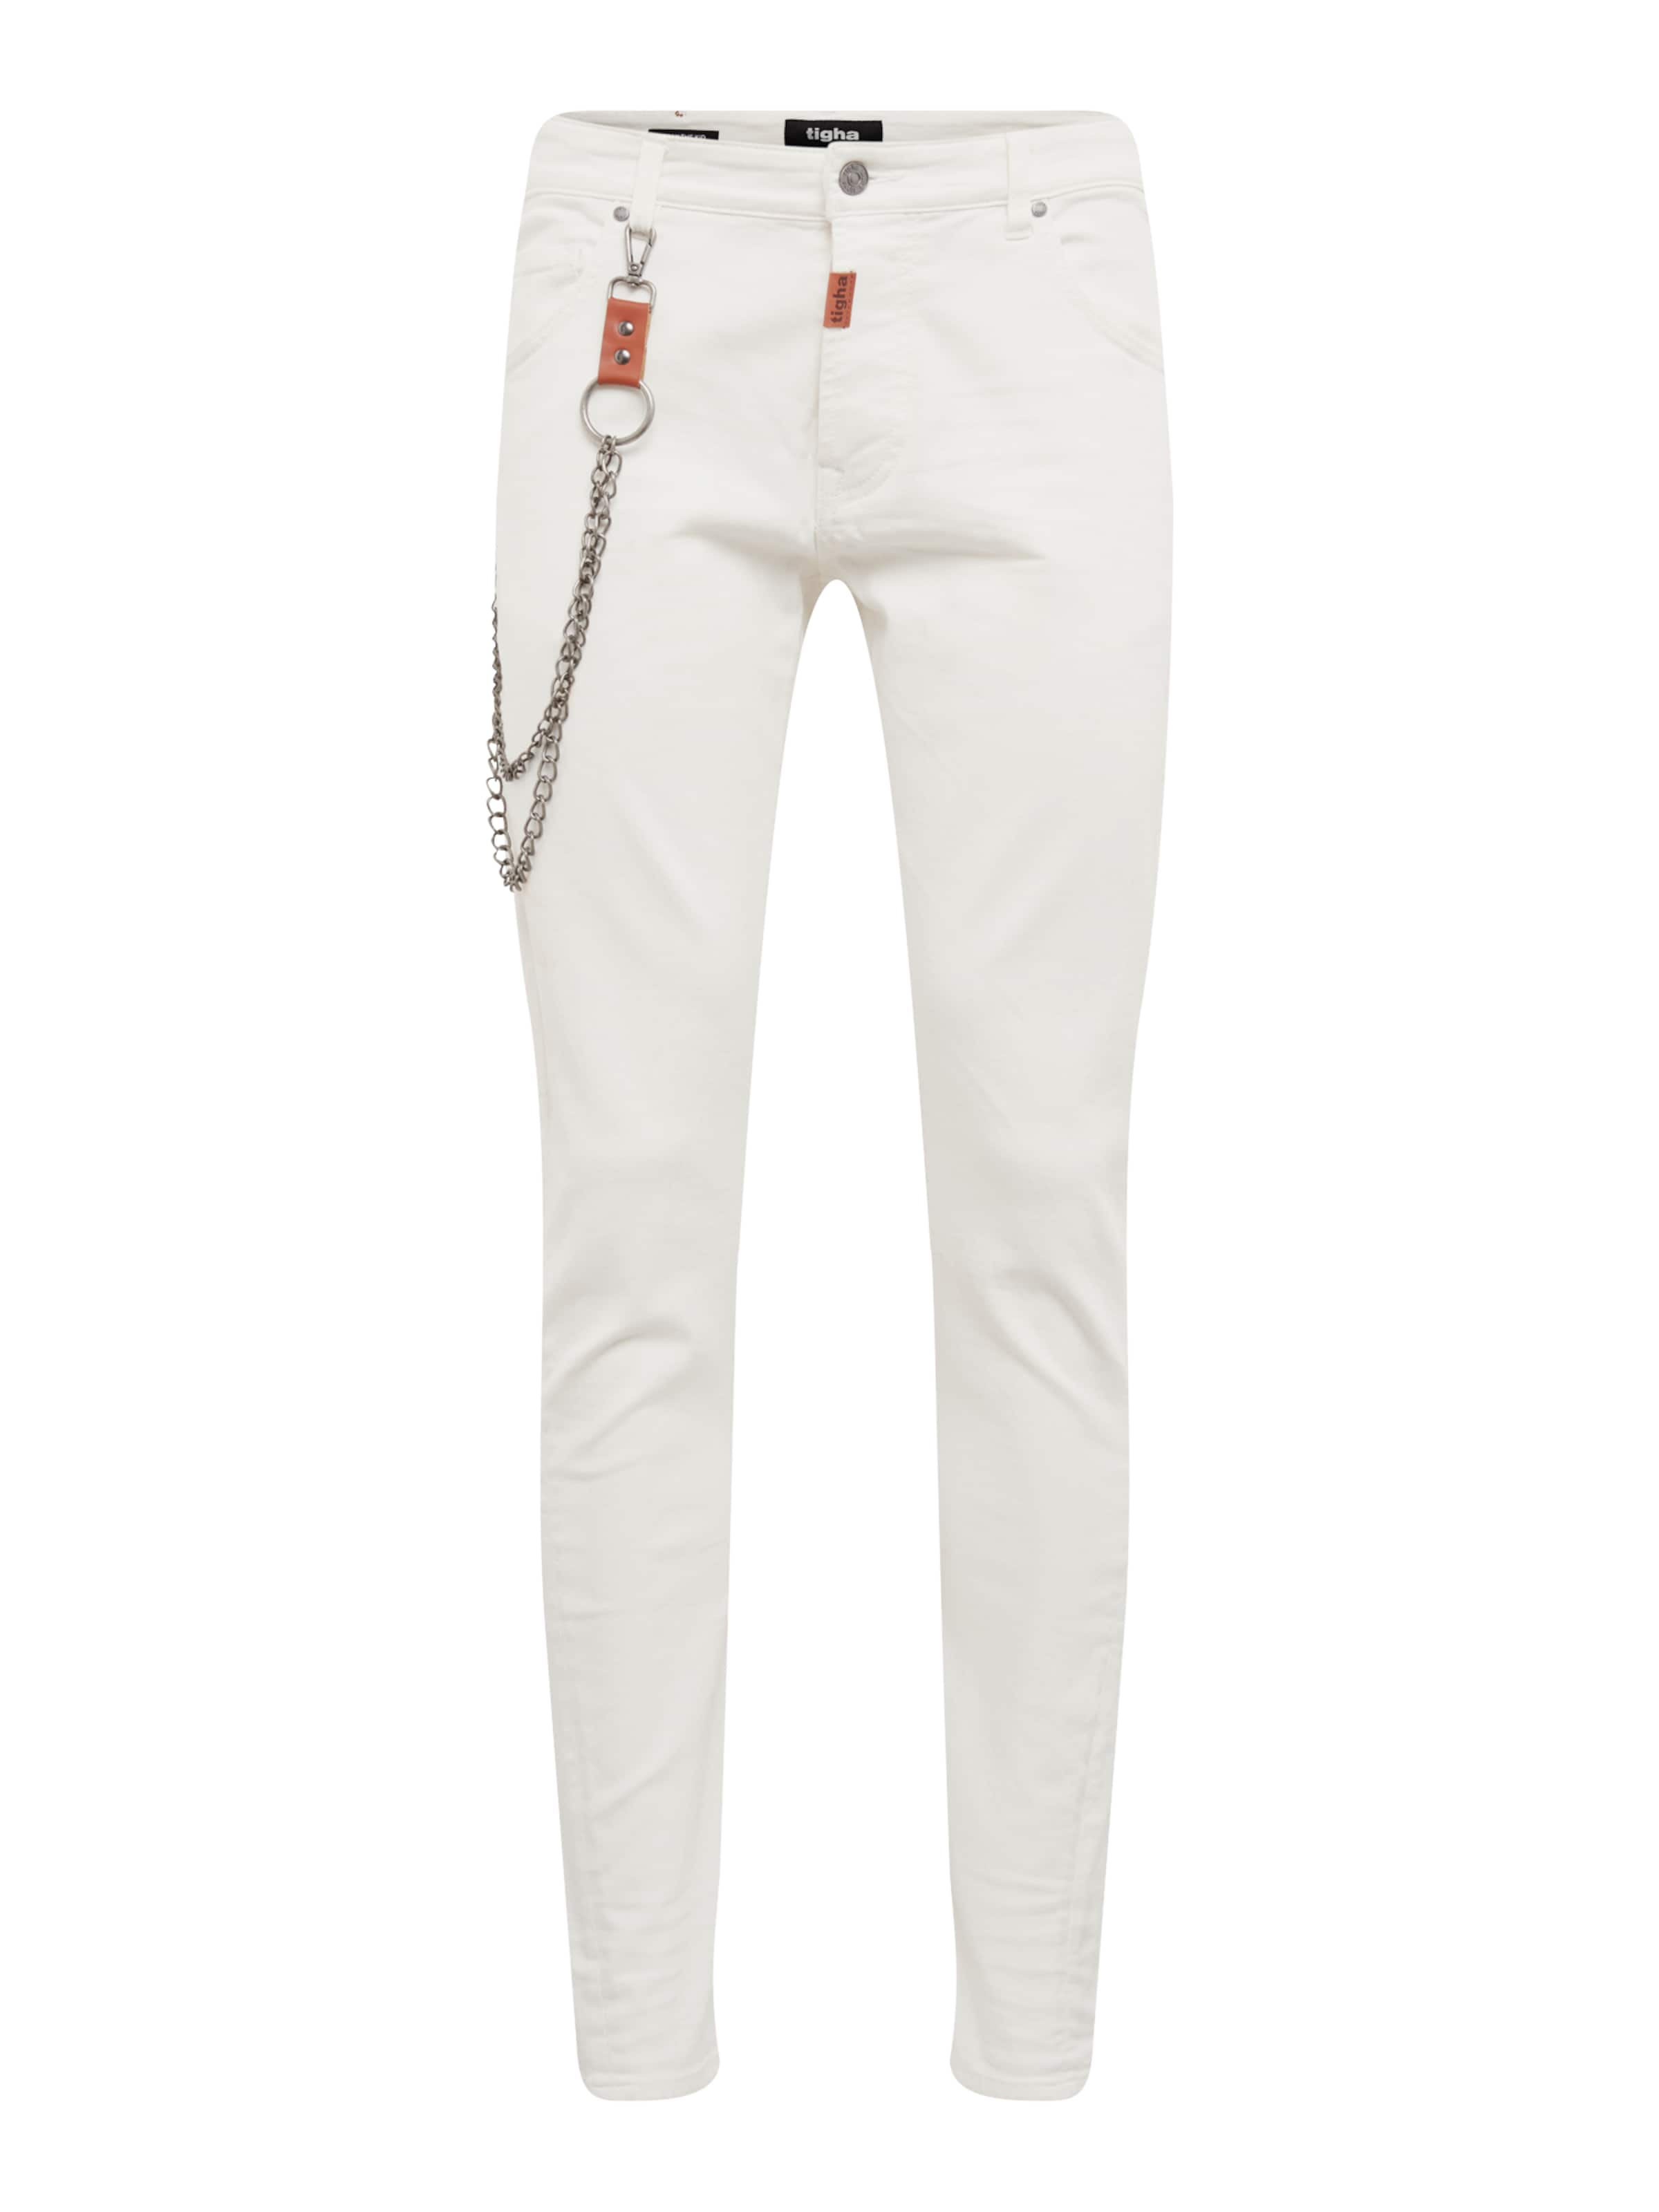 In Tigha Kid' The Jeans Denim 'billy White ulJK3T1Fc